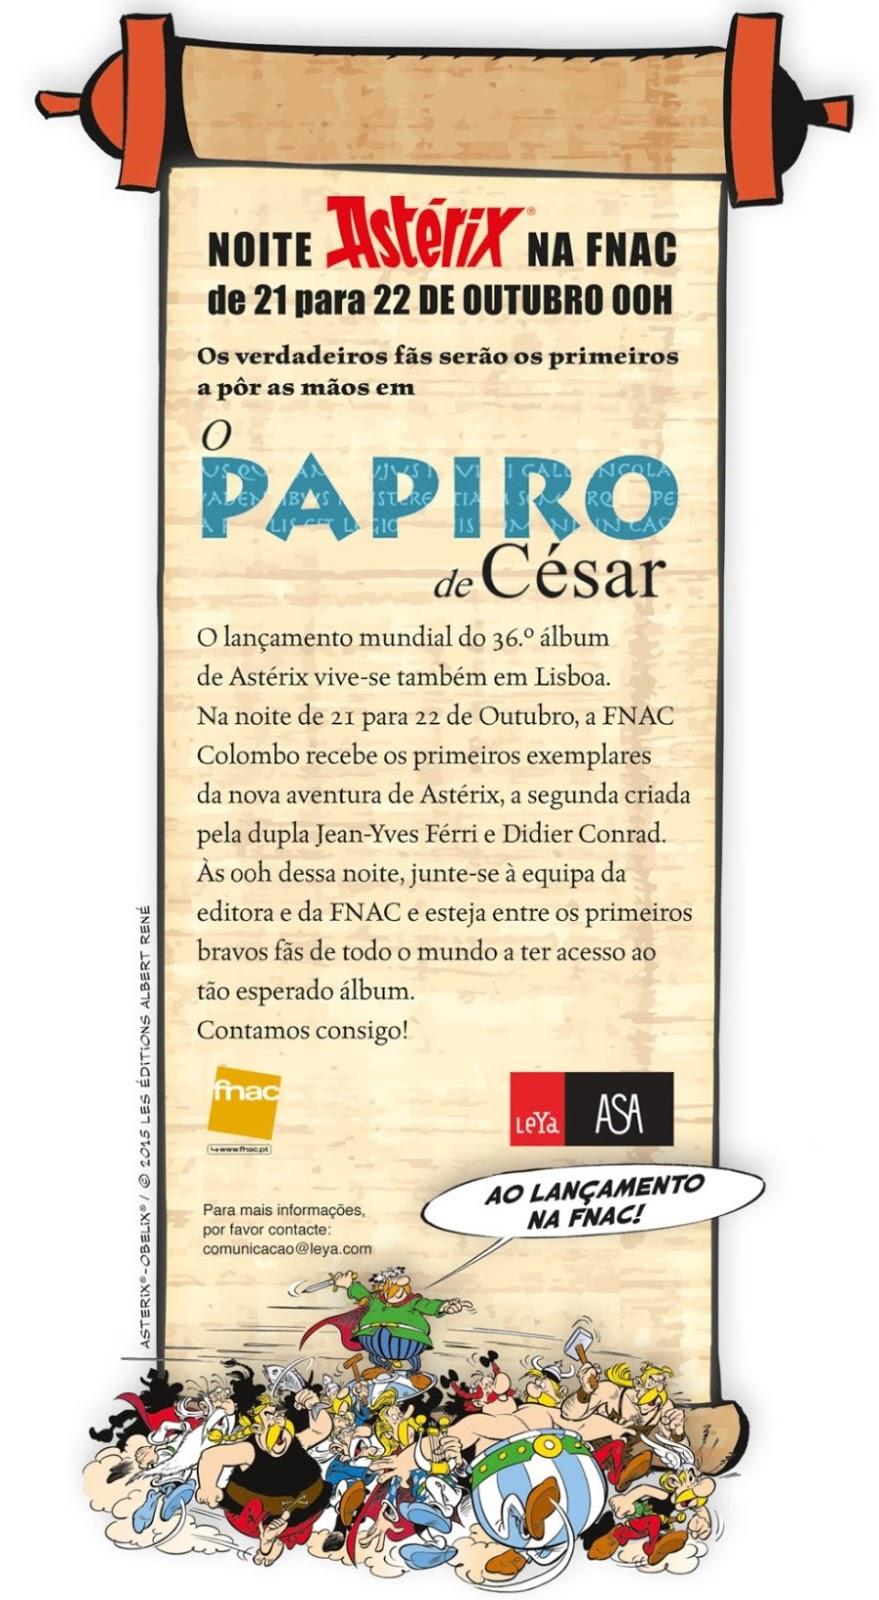 http://notasbedefilas.blogspot.pt/2015/10/lancamento-asa-asterix-o-papiro-de-cesar.html